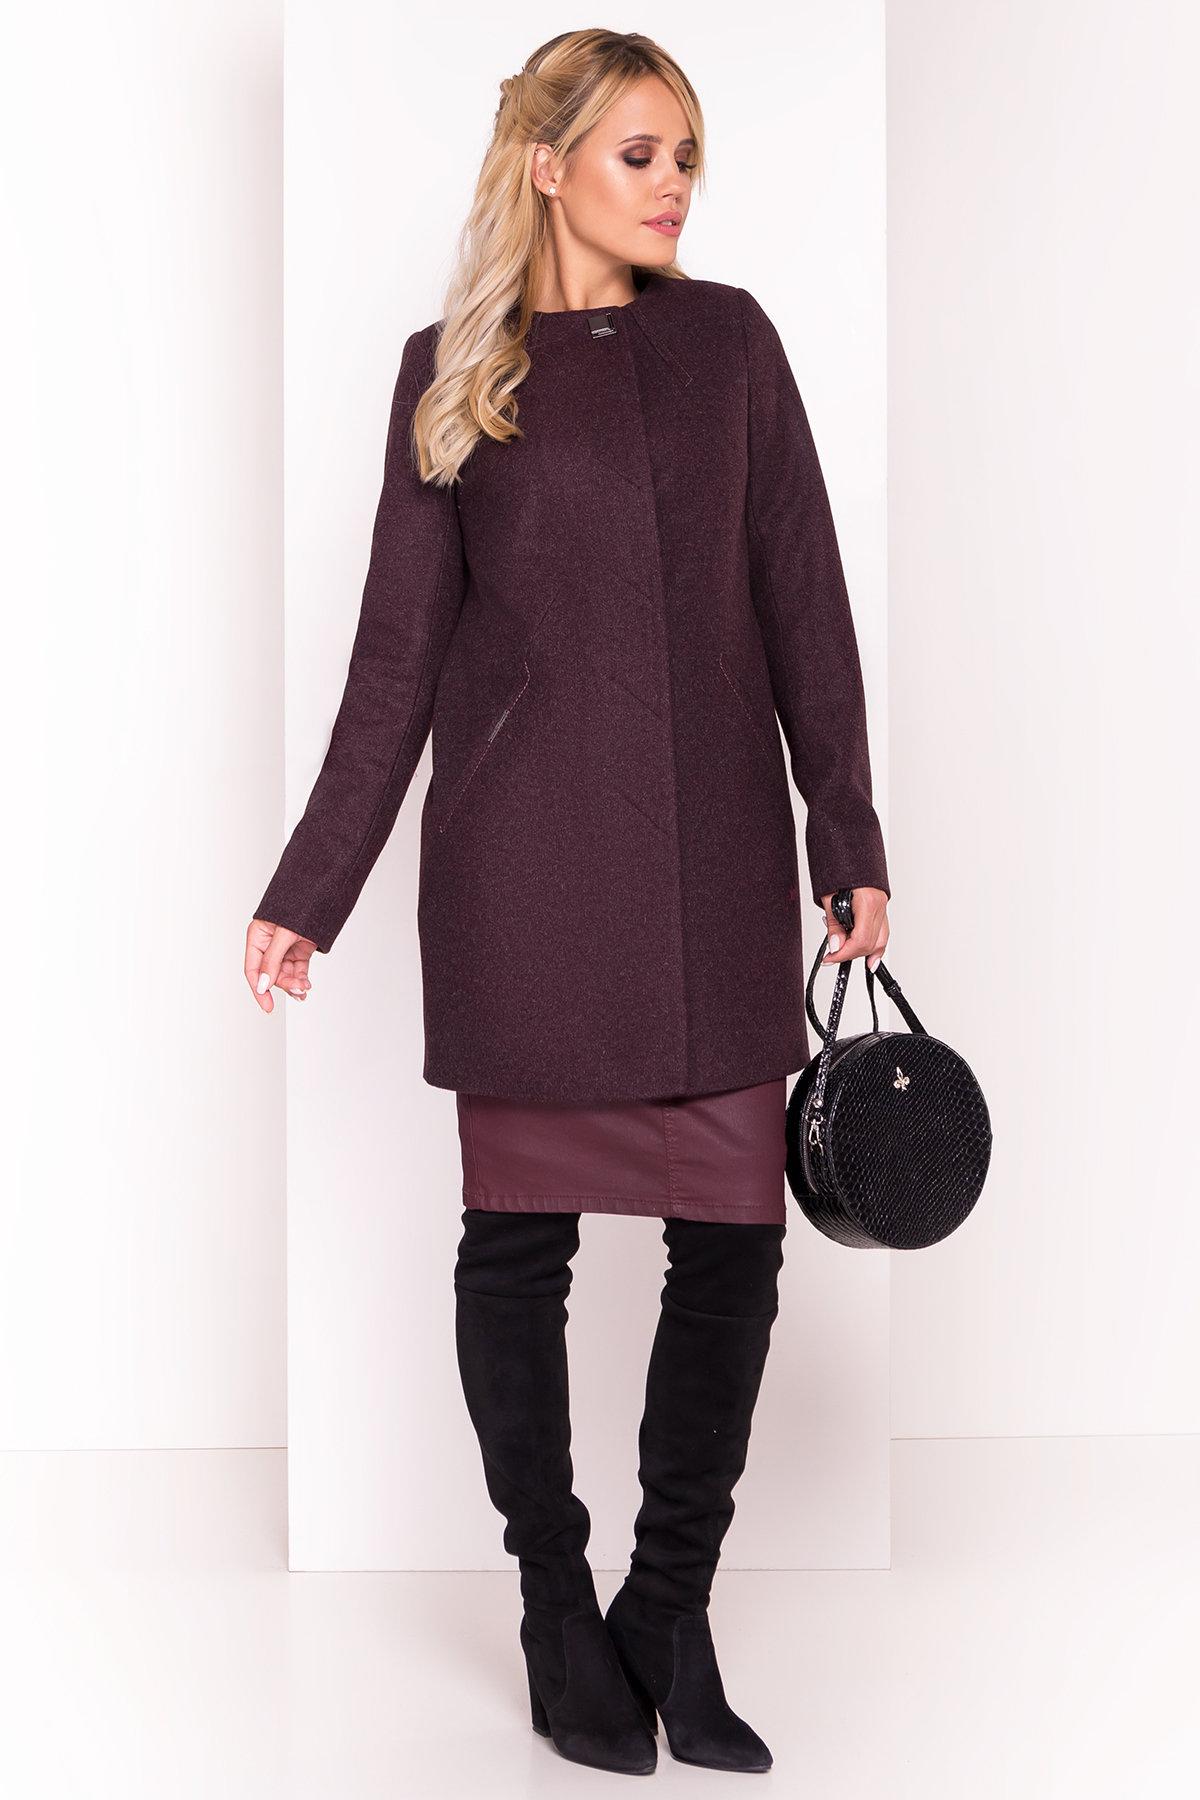 Купить пальто женское недорого от Modus Пальто Шаника 5379